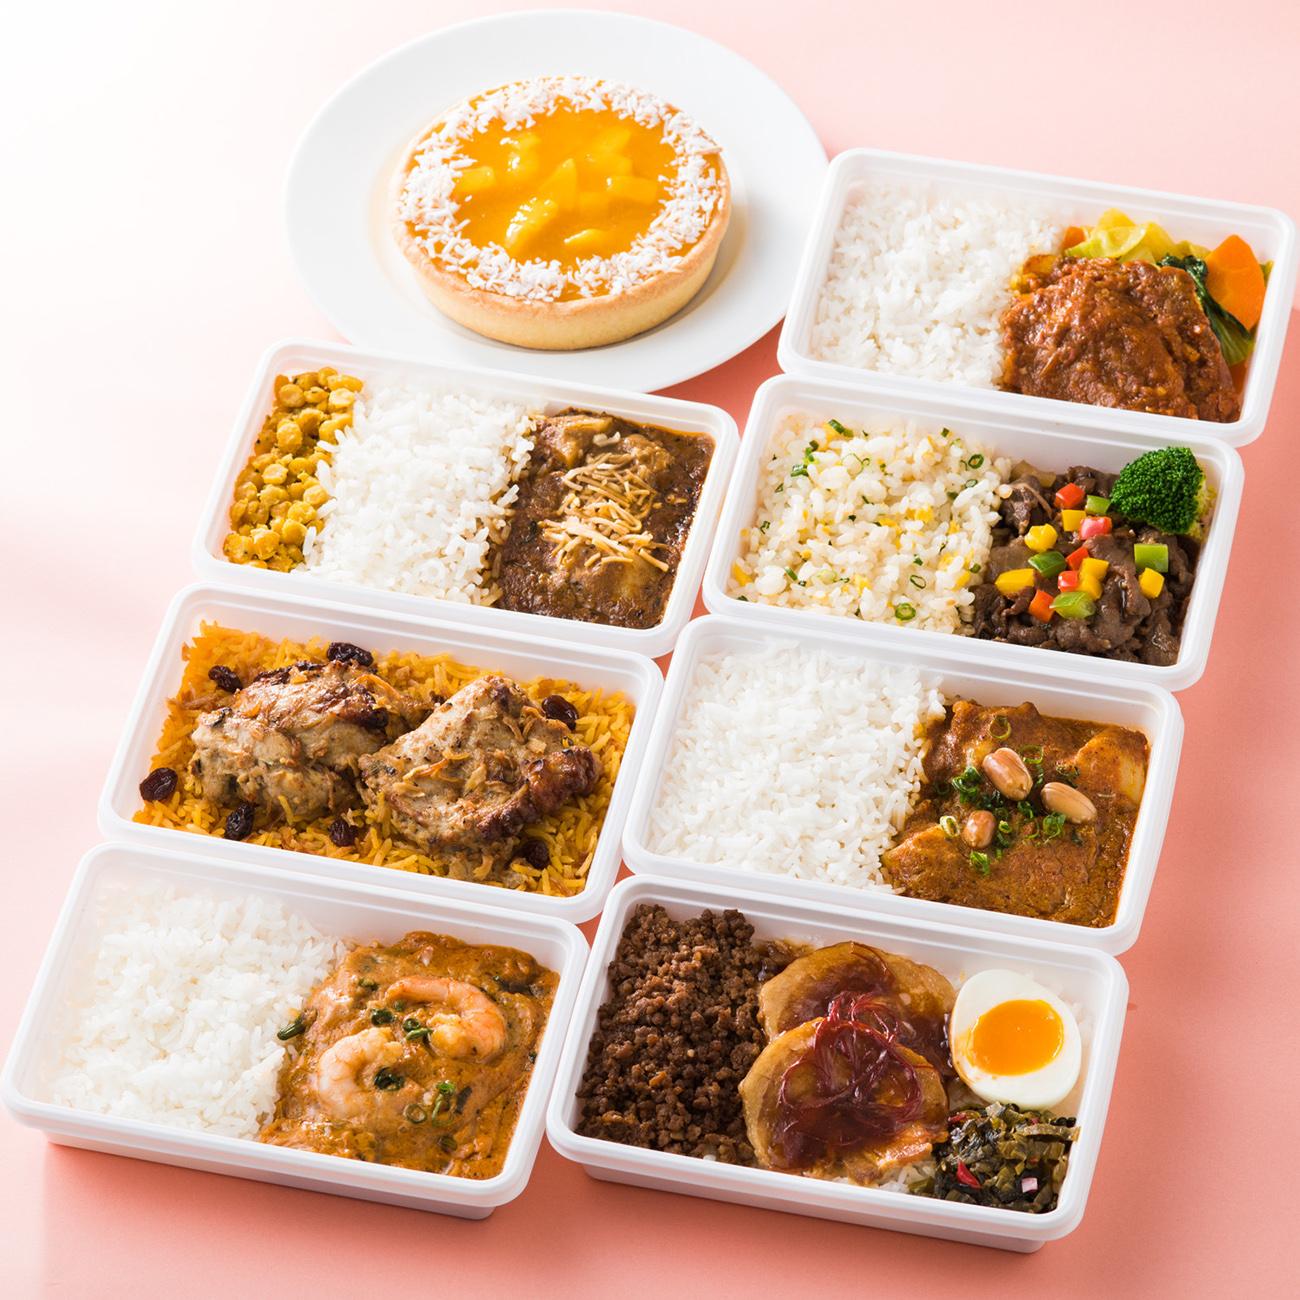 「台湾の叉焼肉飯やタイのマッサマンカレーなど」画像